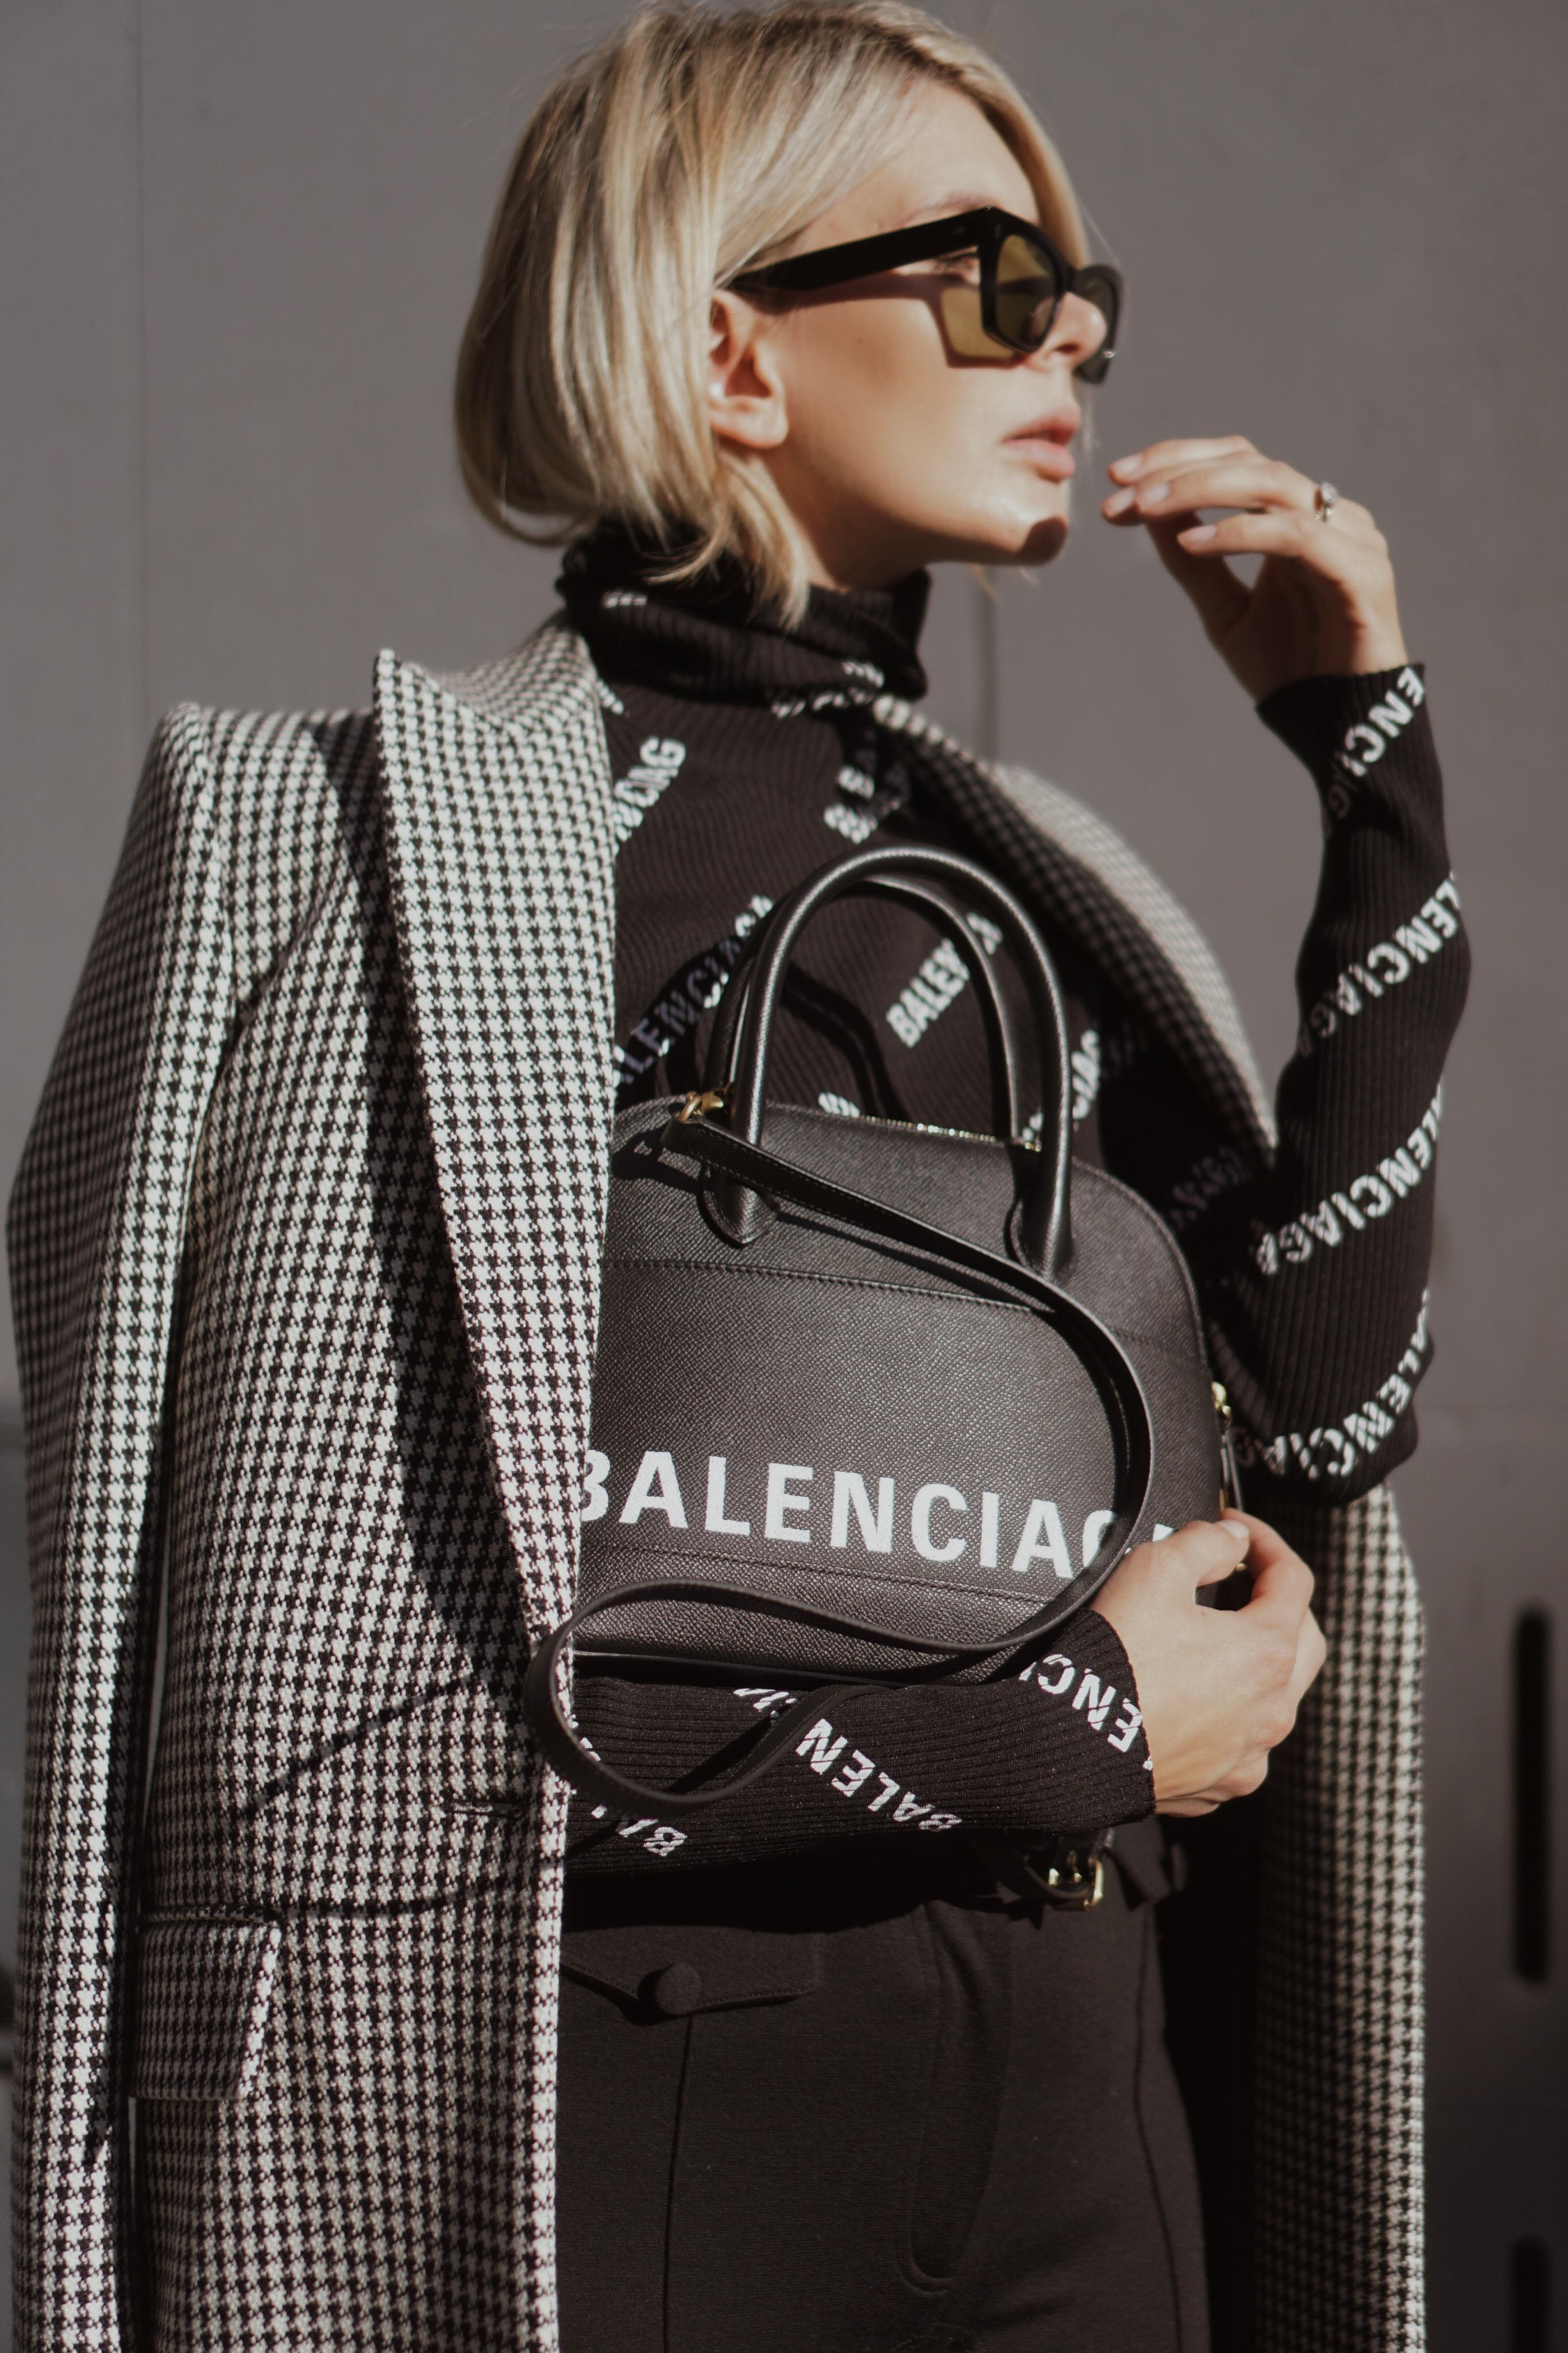 Handbag-Gate: Warum die ewige Diskussion um Designertaschen langsam nervt